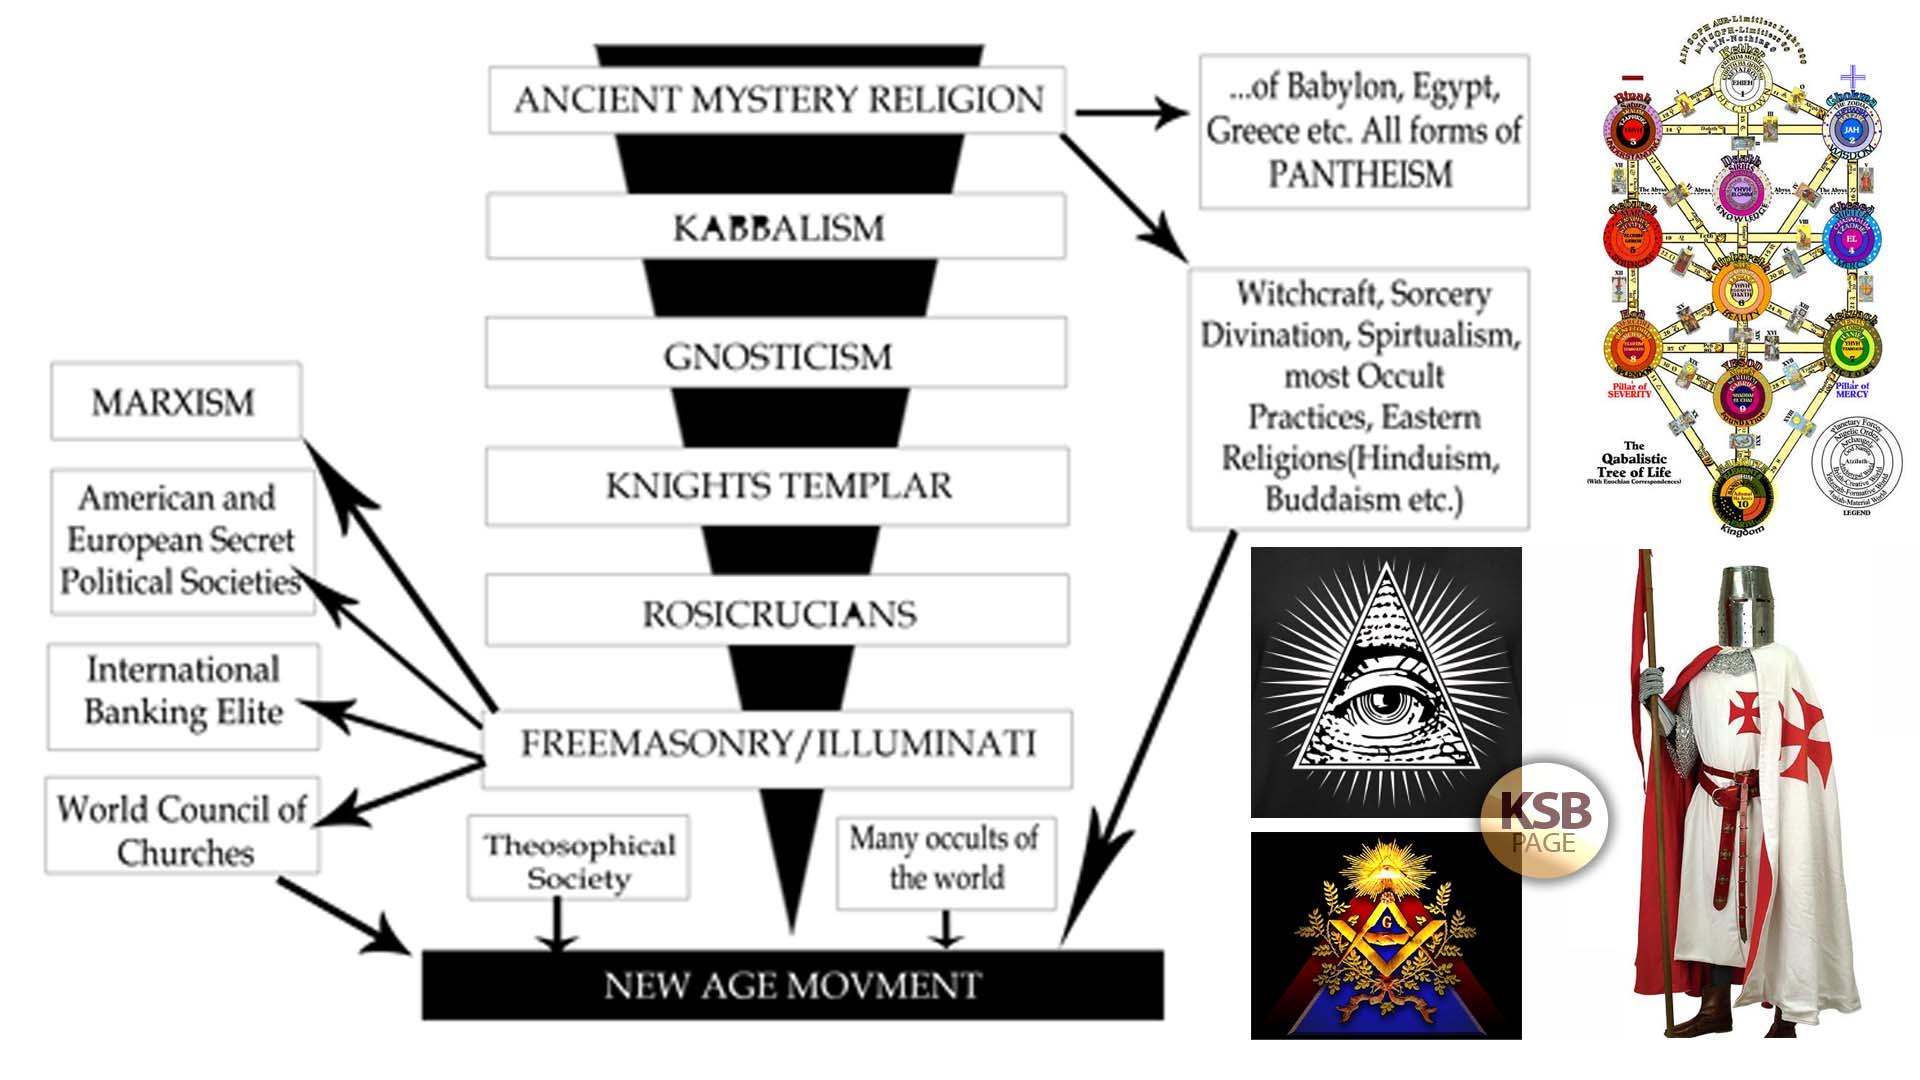 Babylon Templar Ill Freemasonry JPG